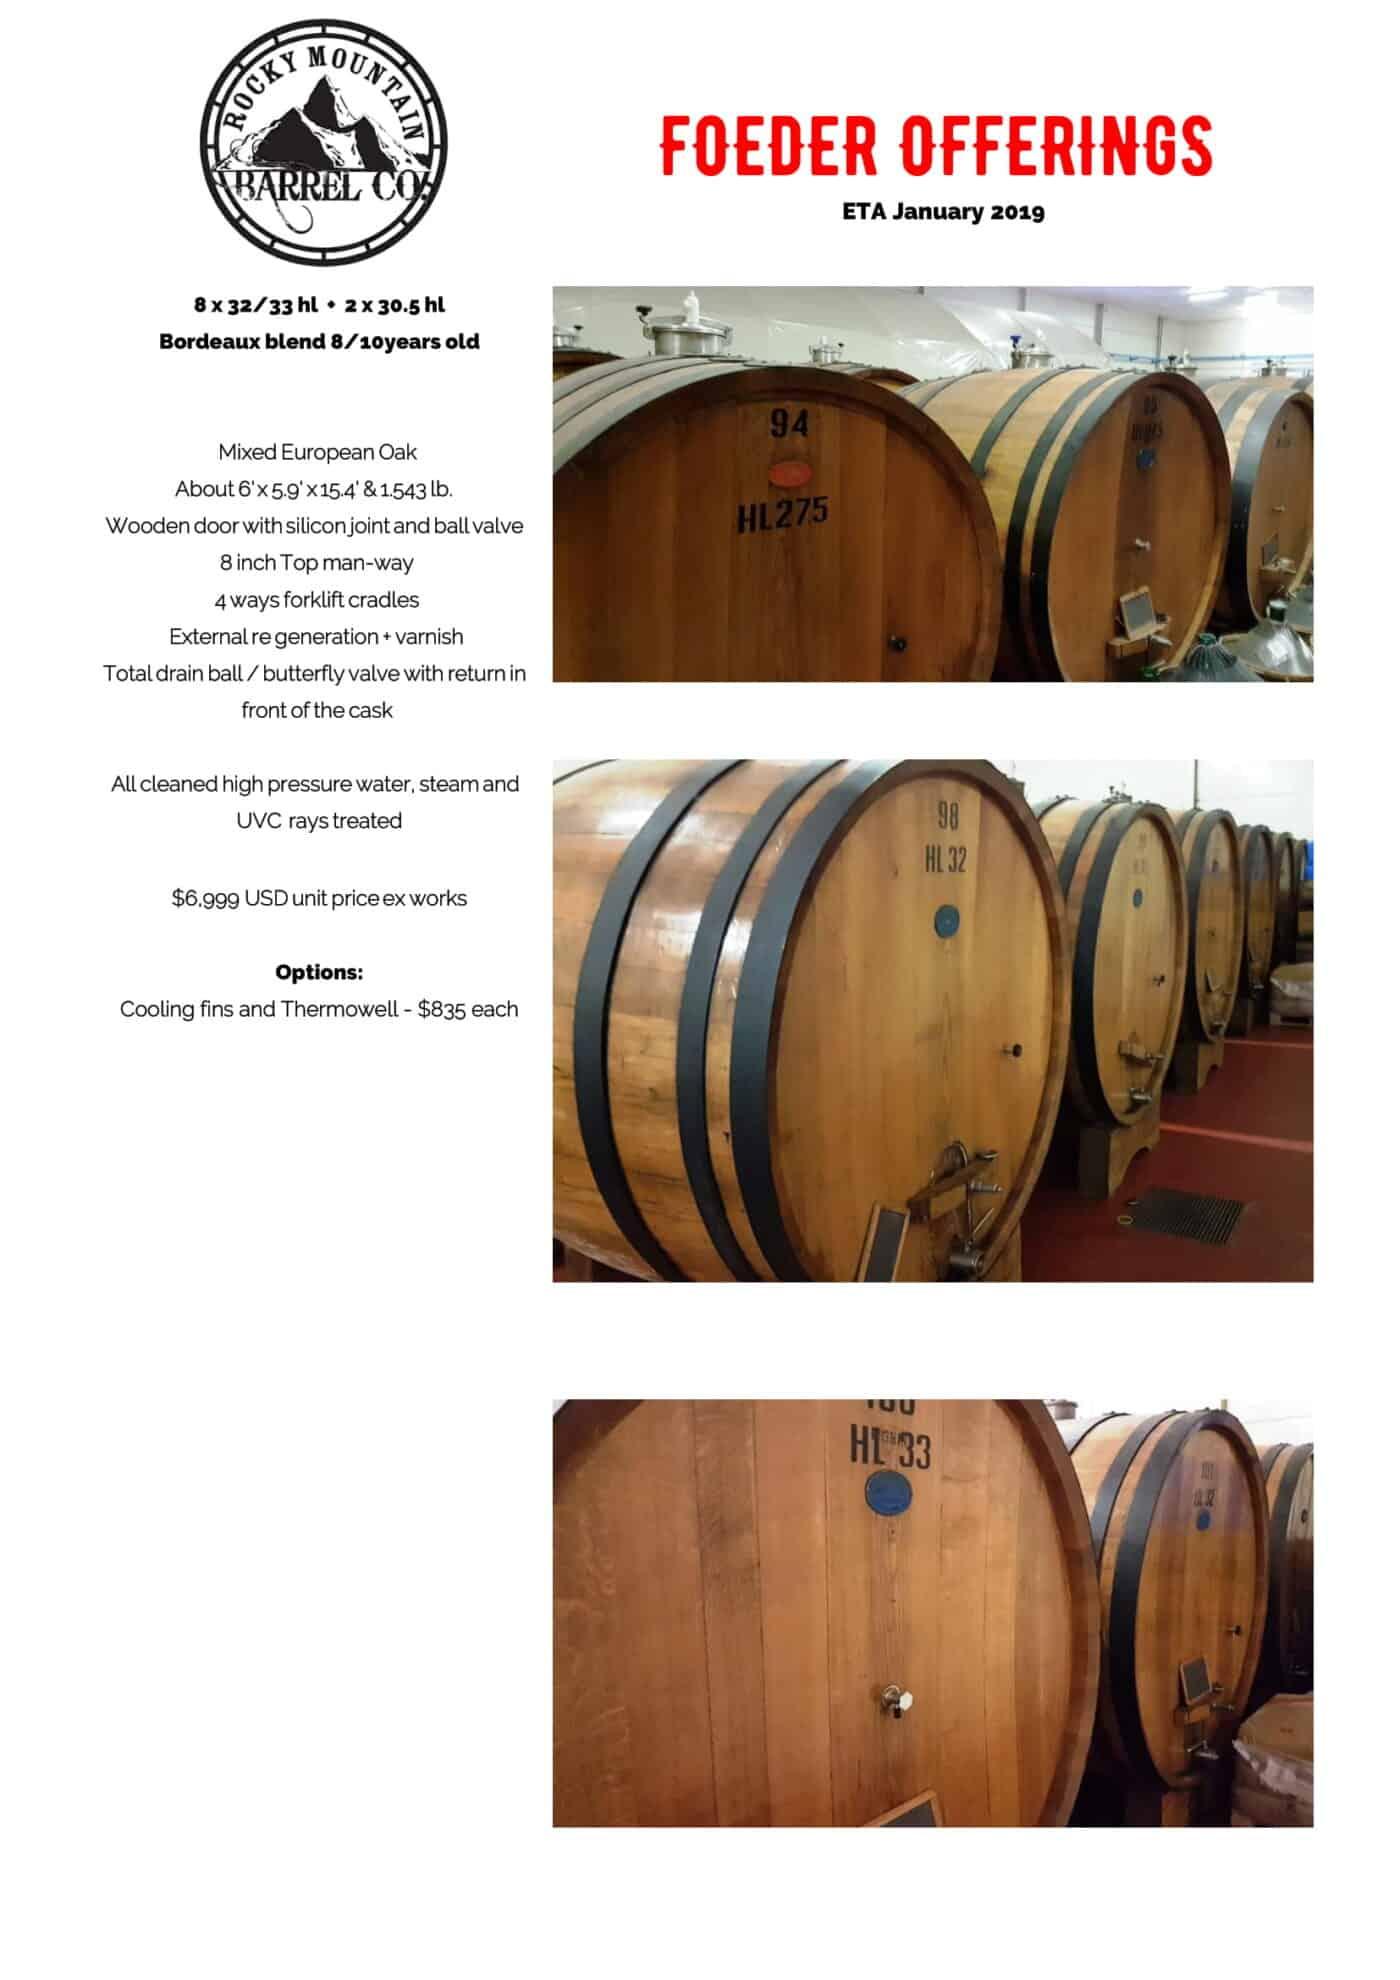 30_32_33hL Bordeaux Blend-1